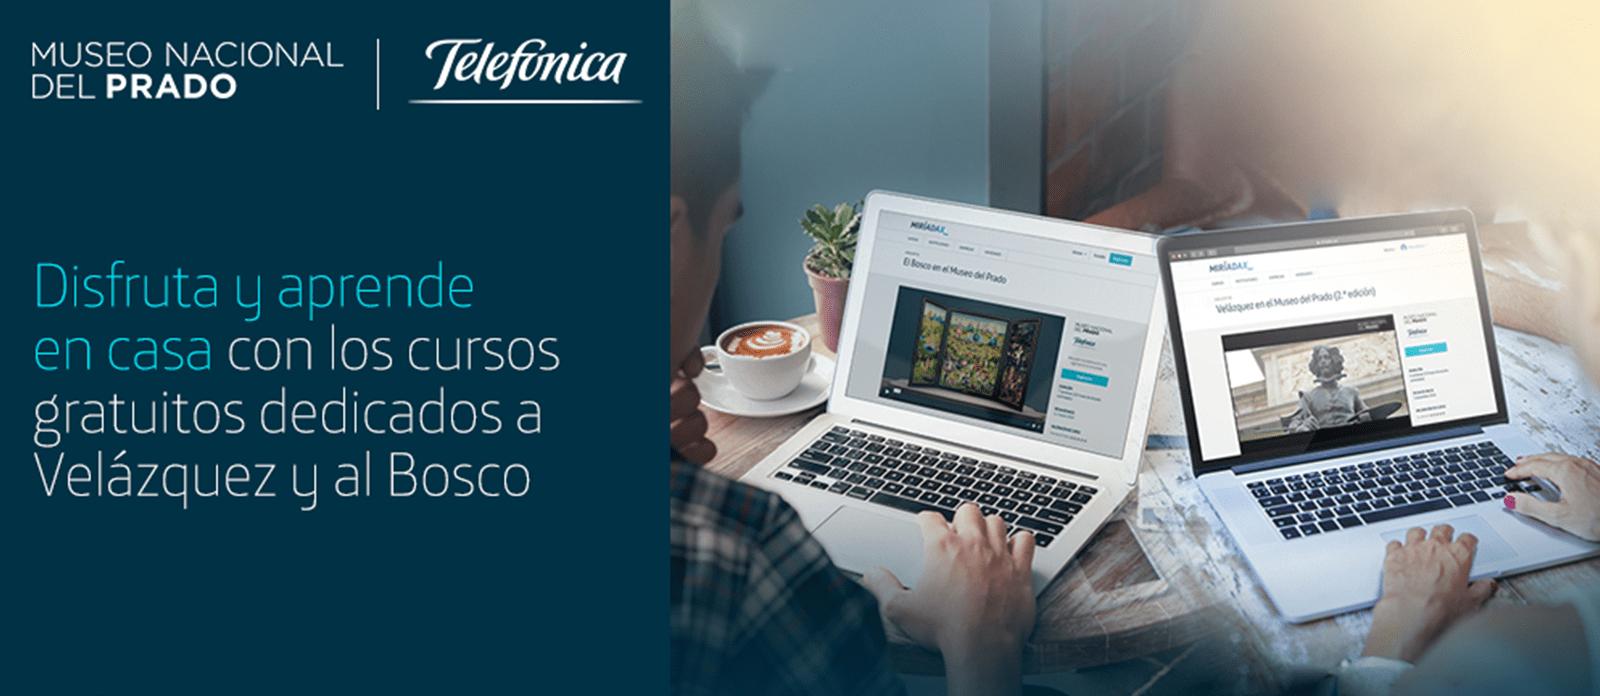 Comienza la 2ª edición de El Bosco en el Museo del Prado